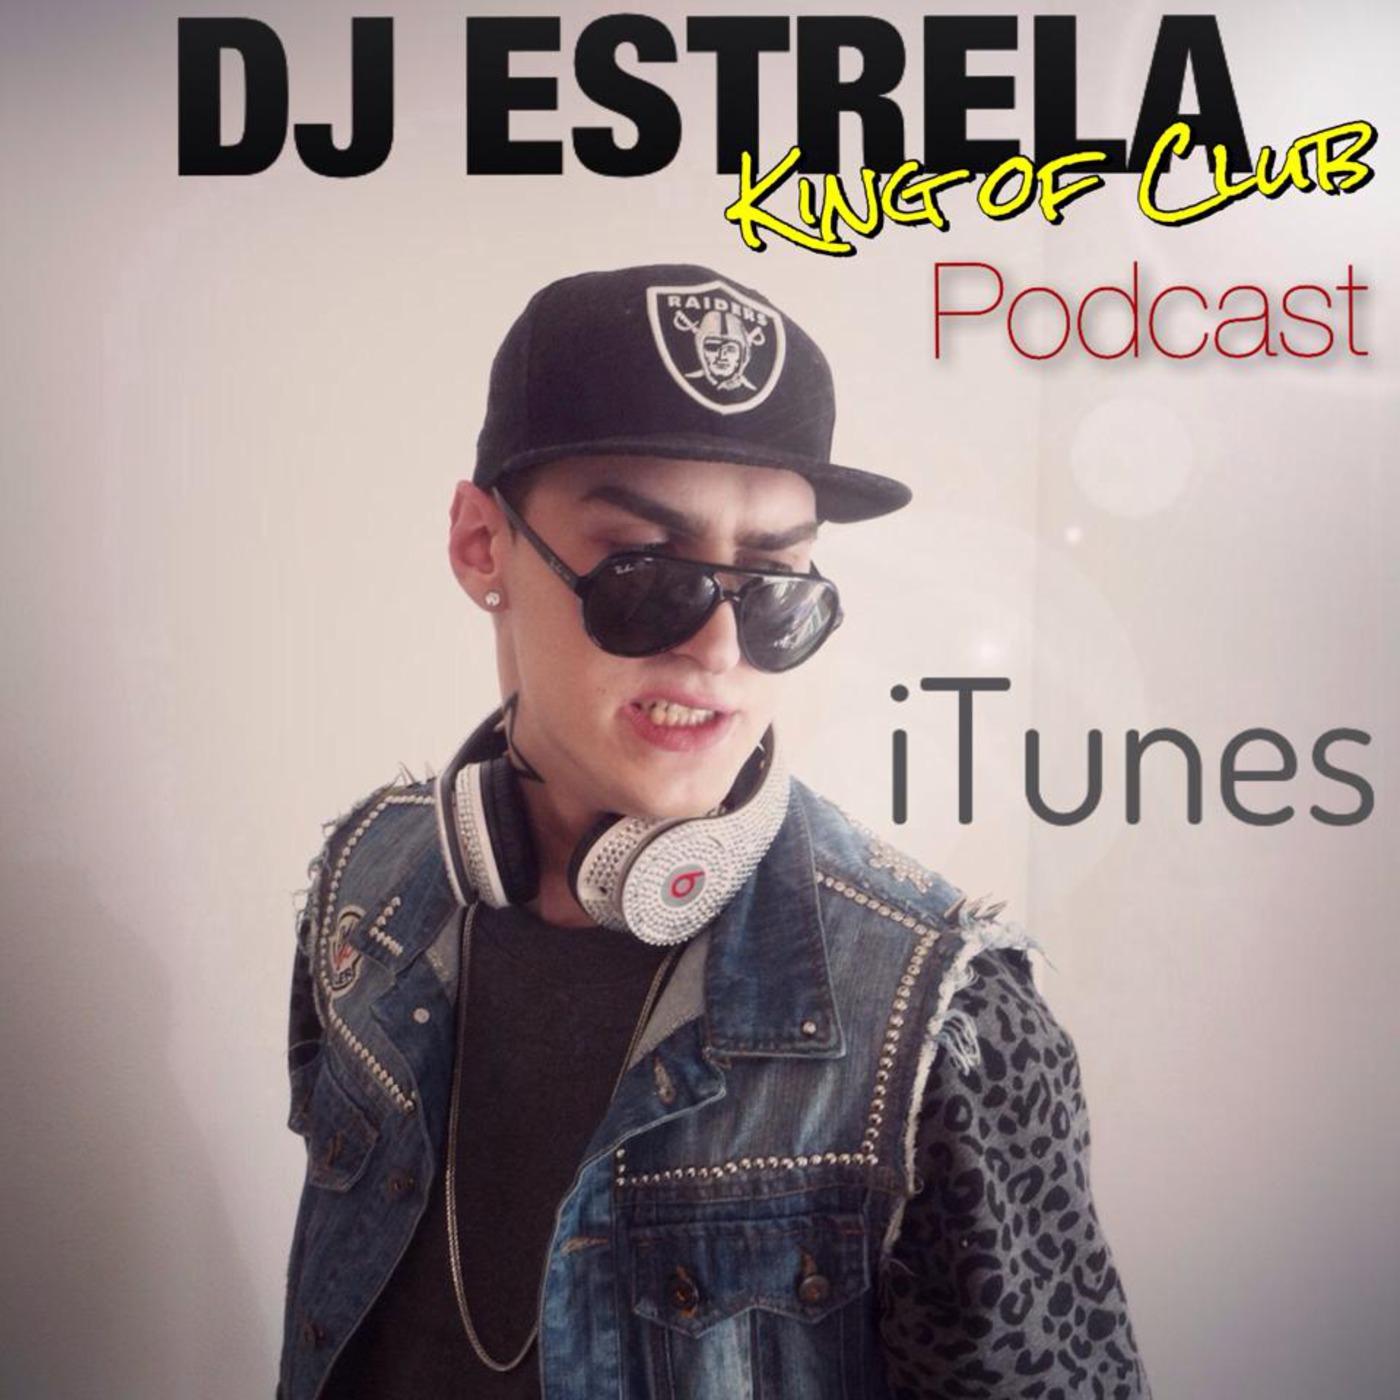 Dj Estrela - King of Club (Official Podcast)